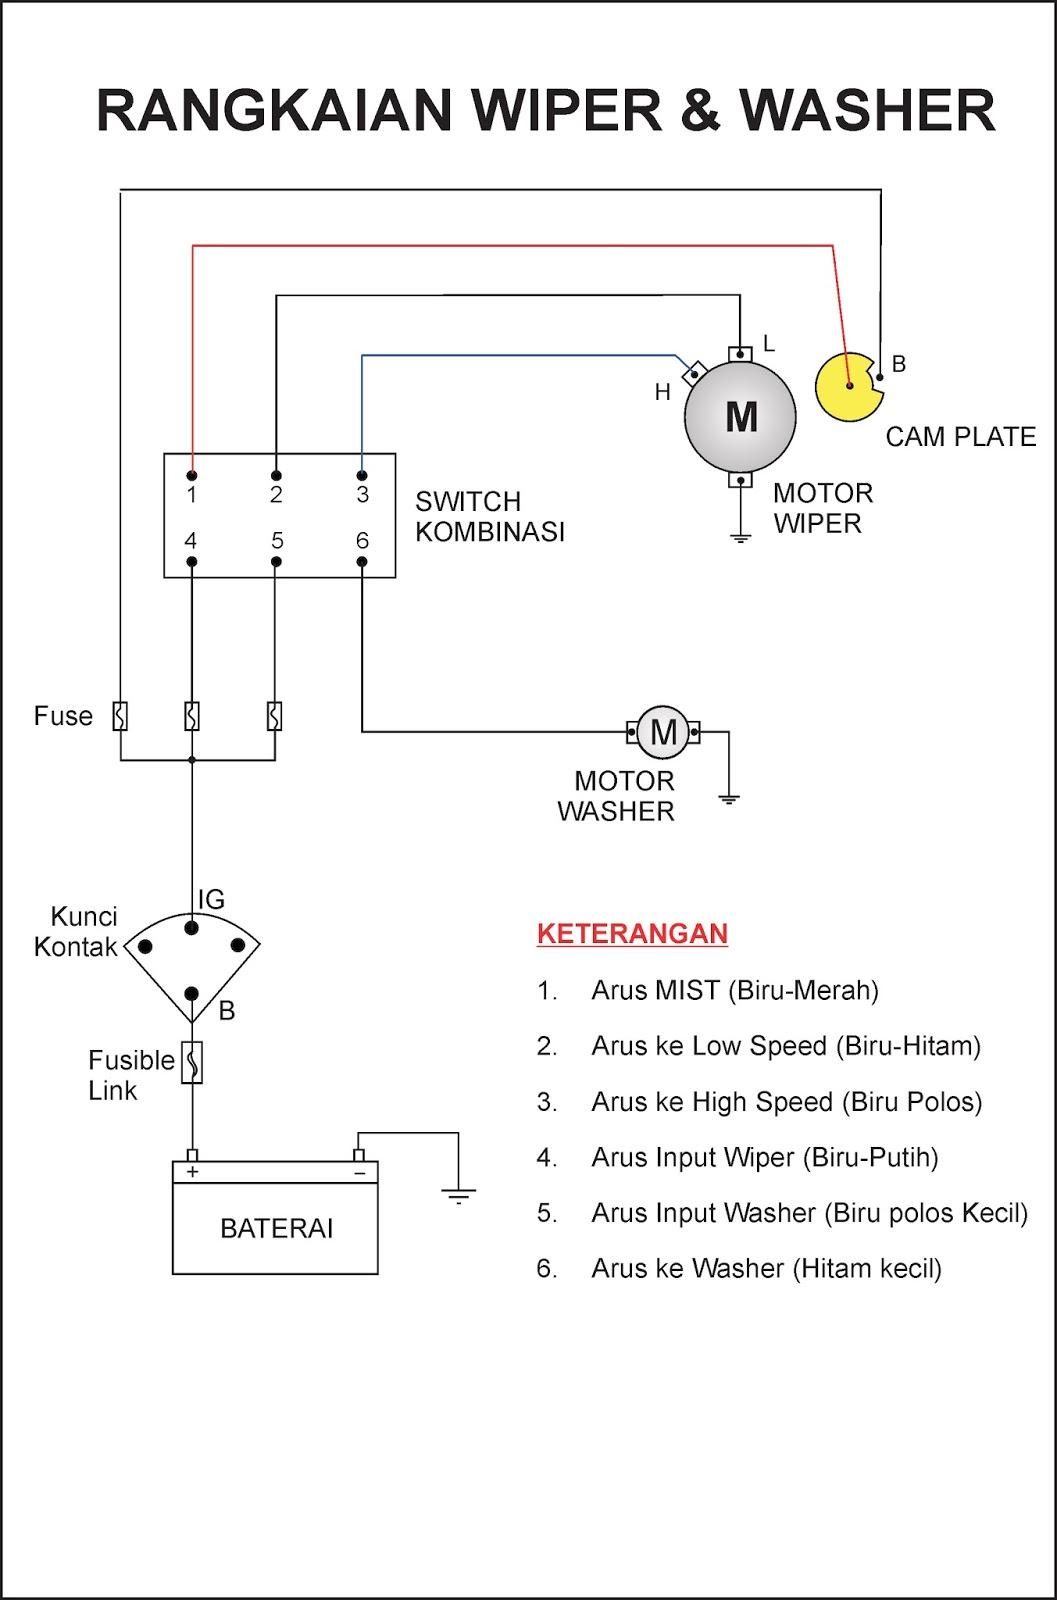 DIAGRAM     Wiring    Diagram       Lampu       Kota    Mobil FULL Version HD